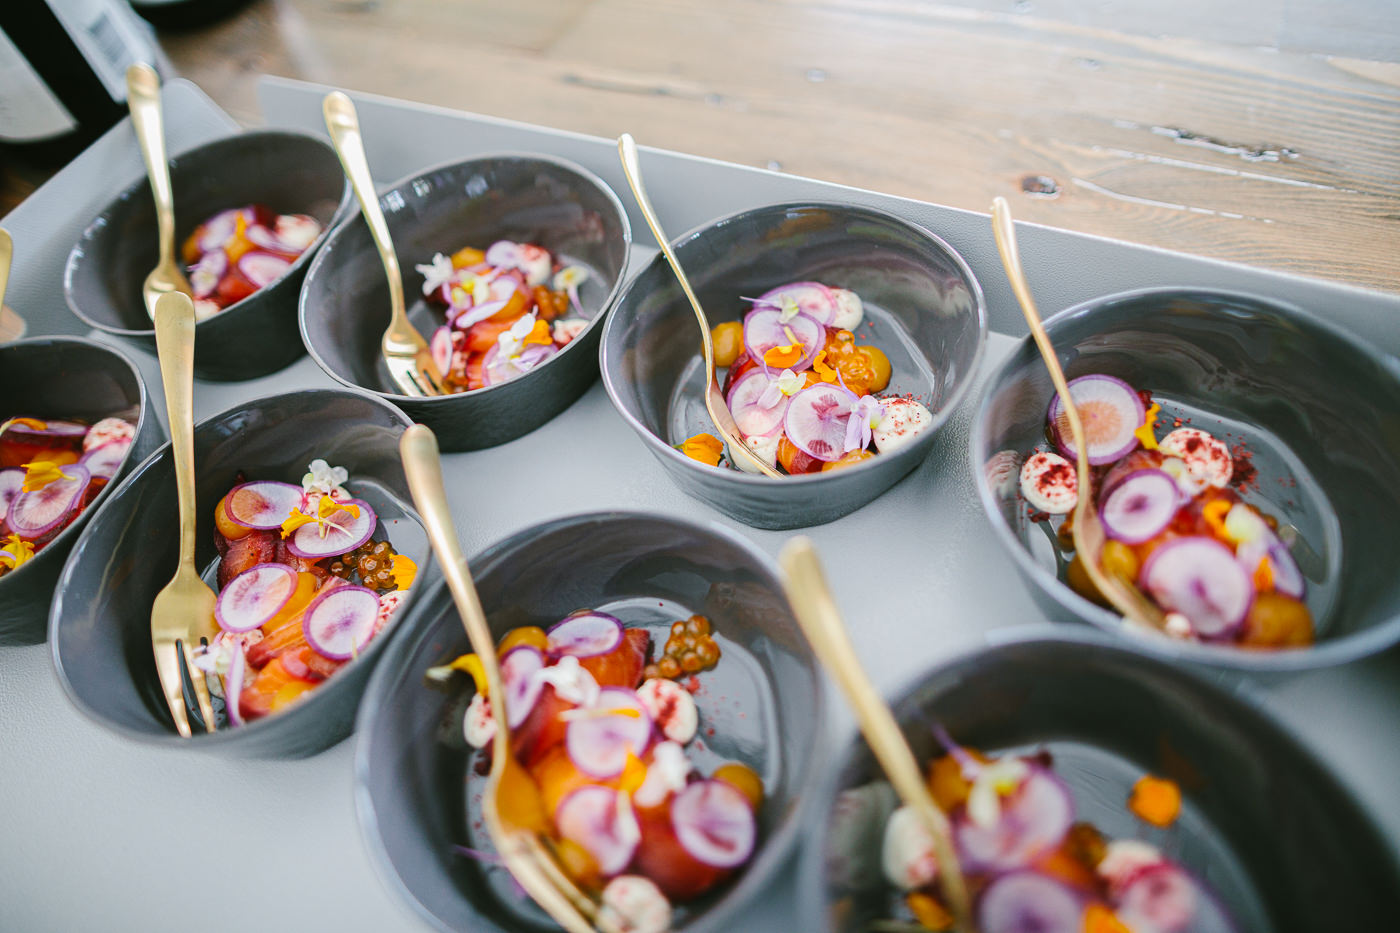 flower infused food - food stylist